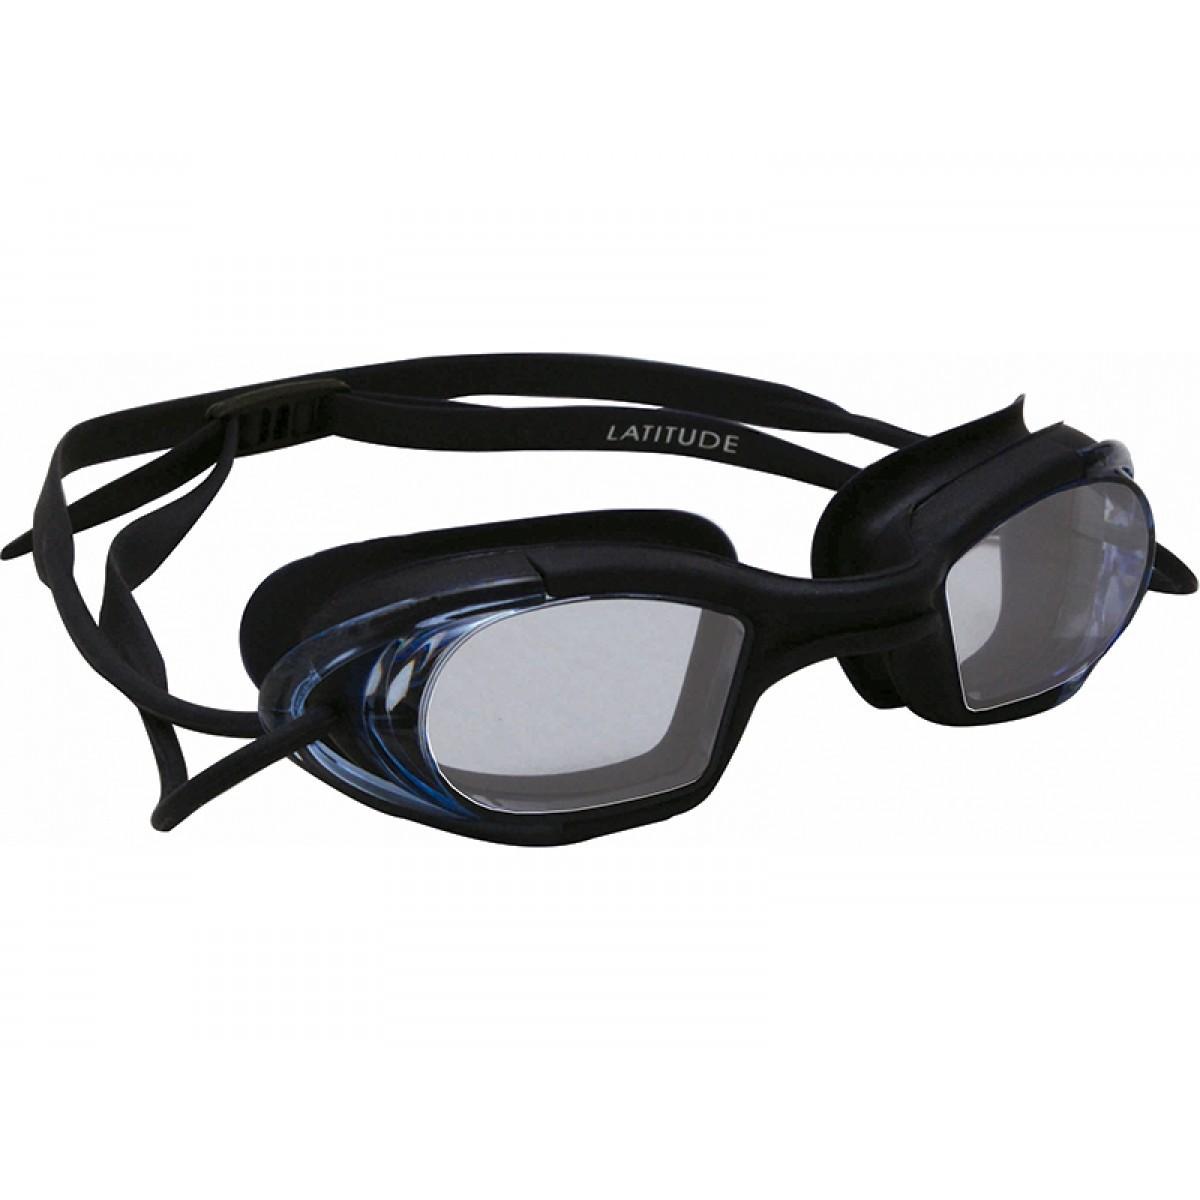 Óculos de Natação Hammerhead  Latitude Comfort